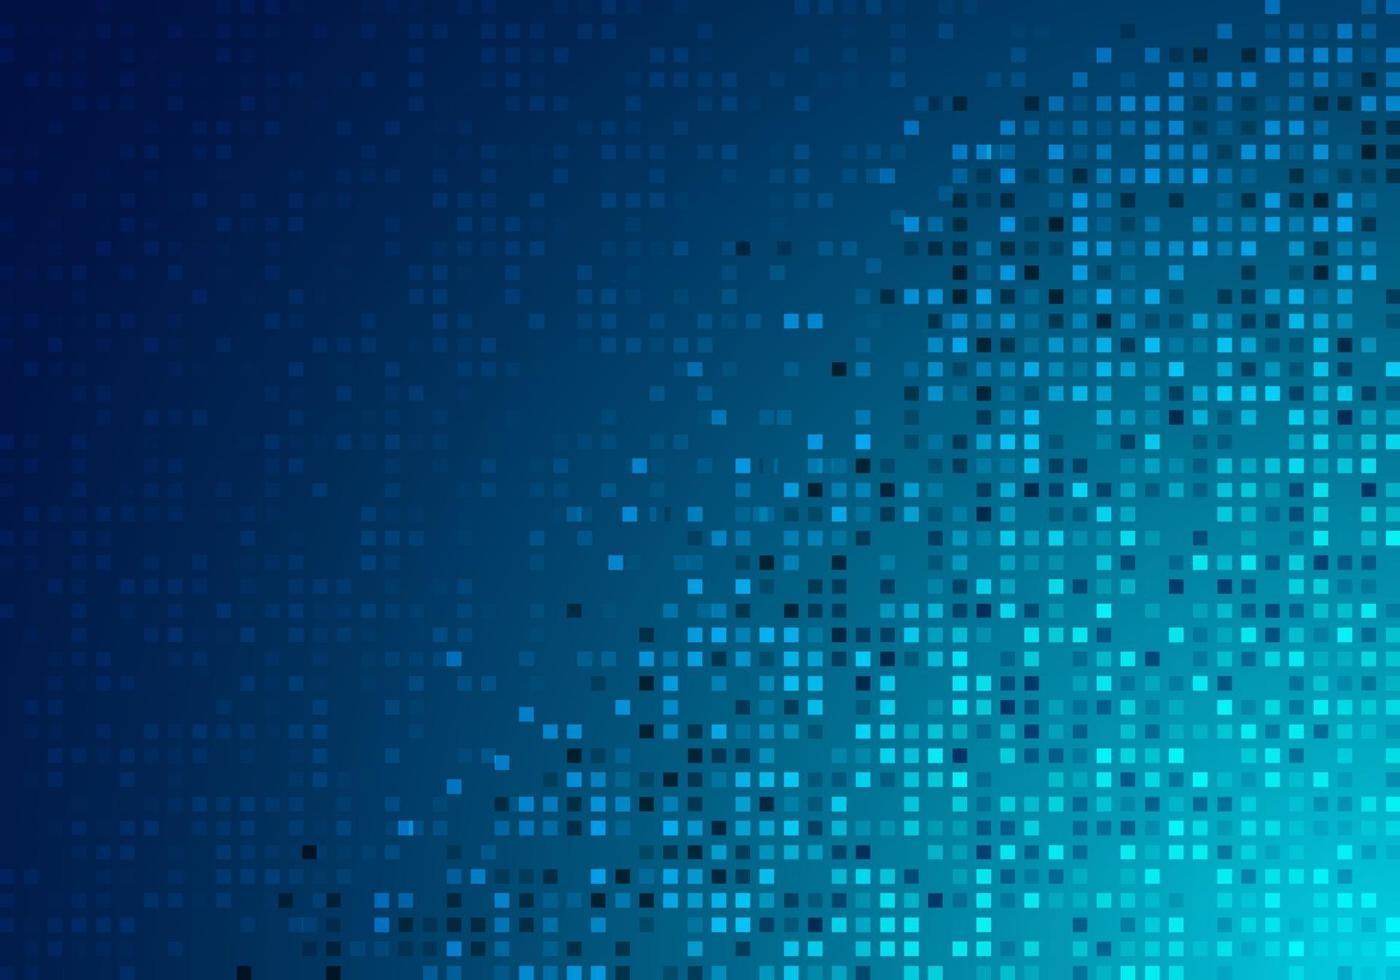 digitales futuristisches Konzept der abstrakten Technologie blau leuchtender Pixelhintergrund und -beschaffenheit. vektor